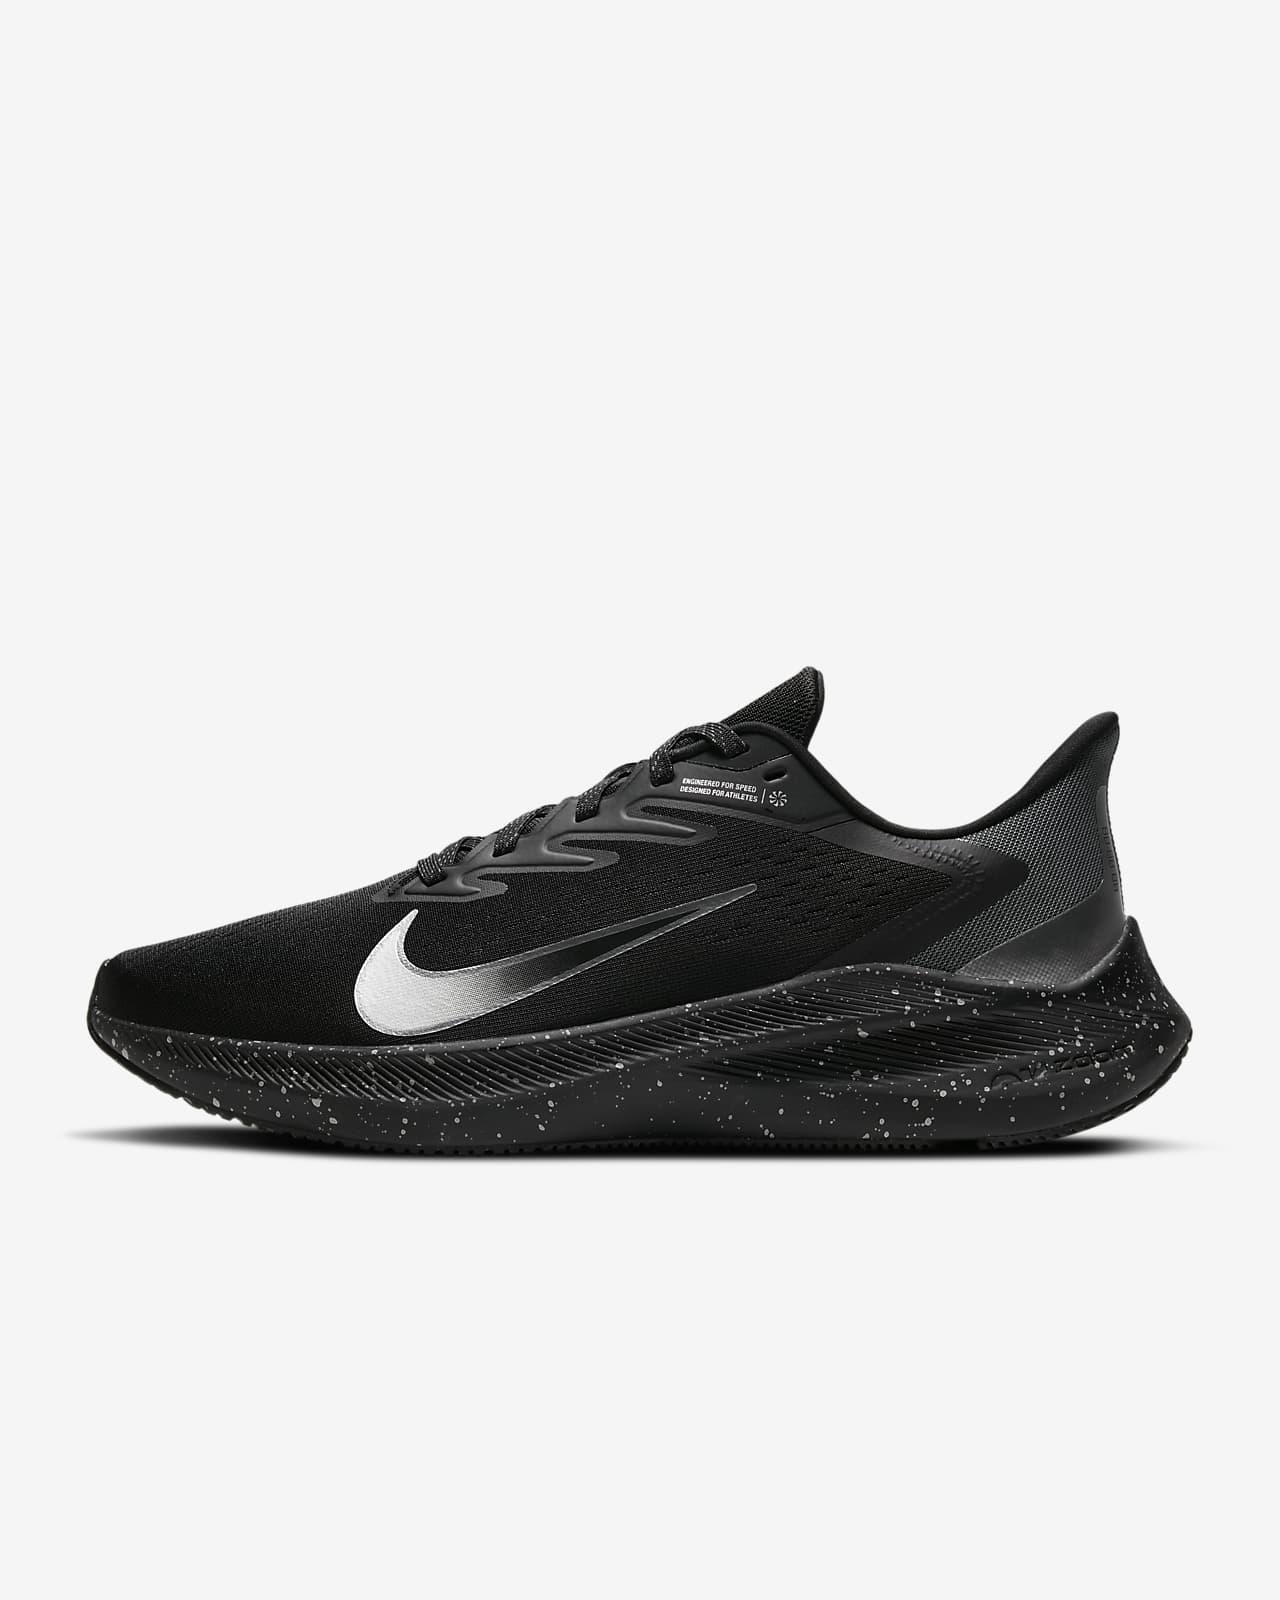 Nike Zoom Winflo 7 Premium Men's Running Shoe